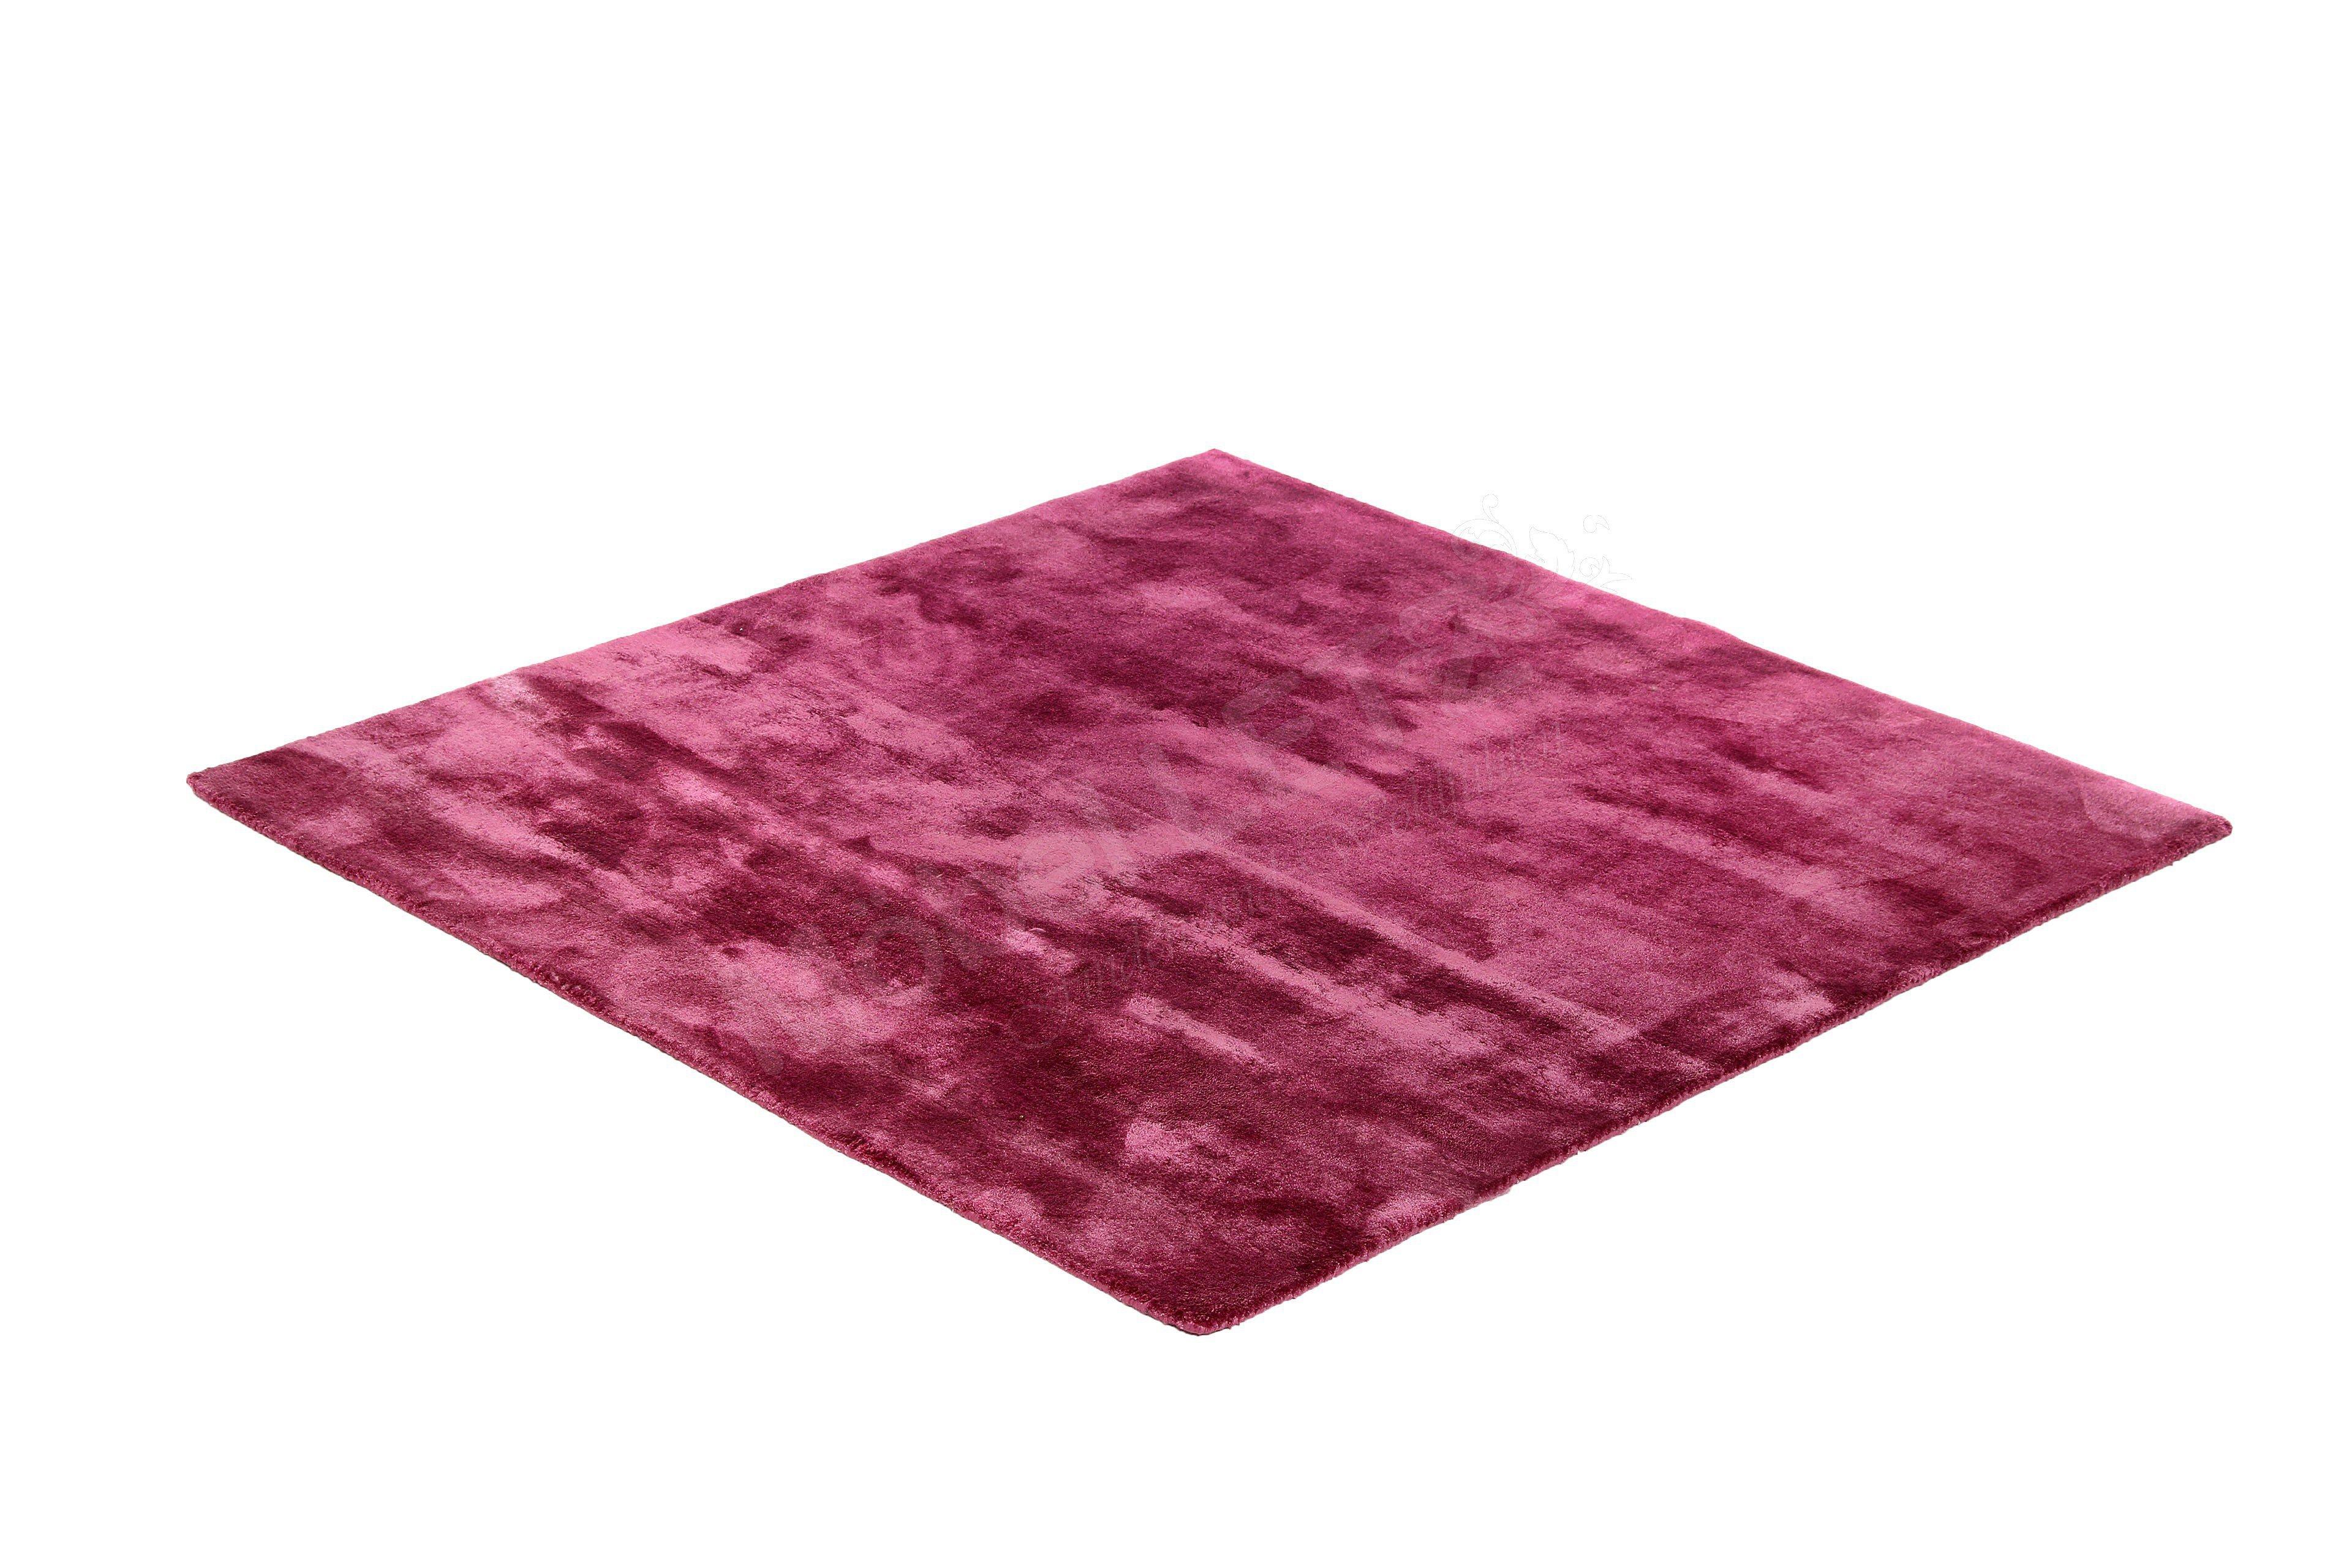 Bretz Viscose Solid Design Teppich In Violett Möbel Letz Ihr